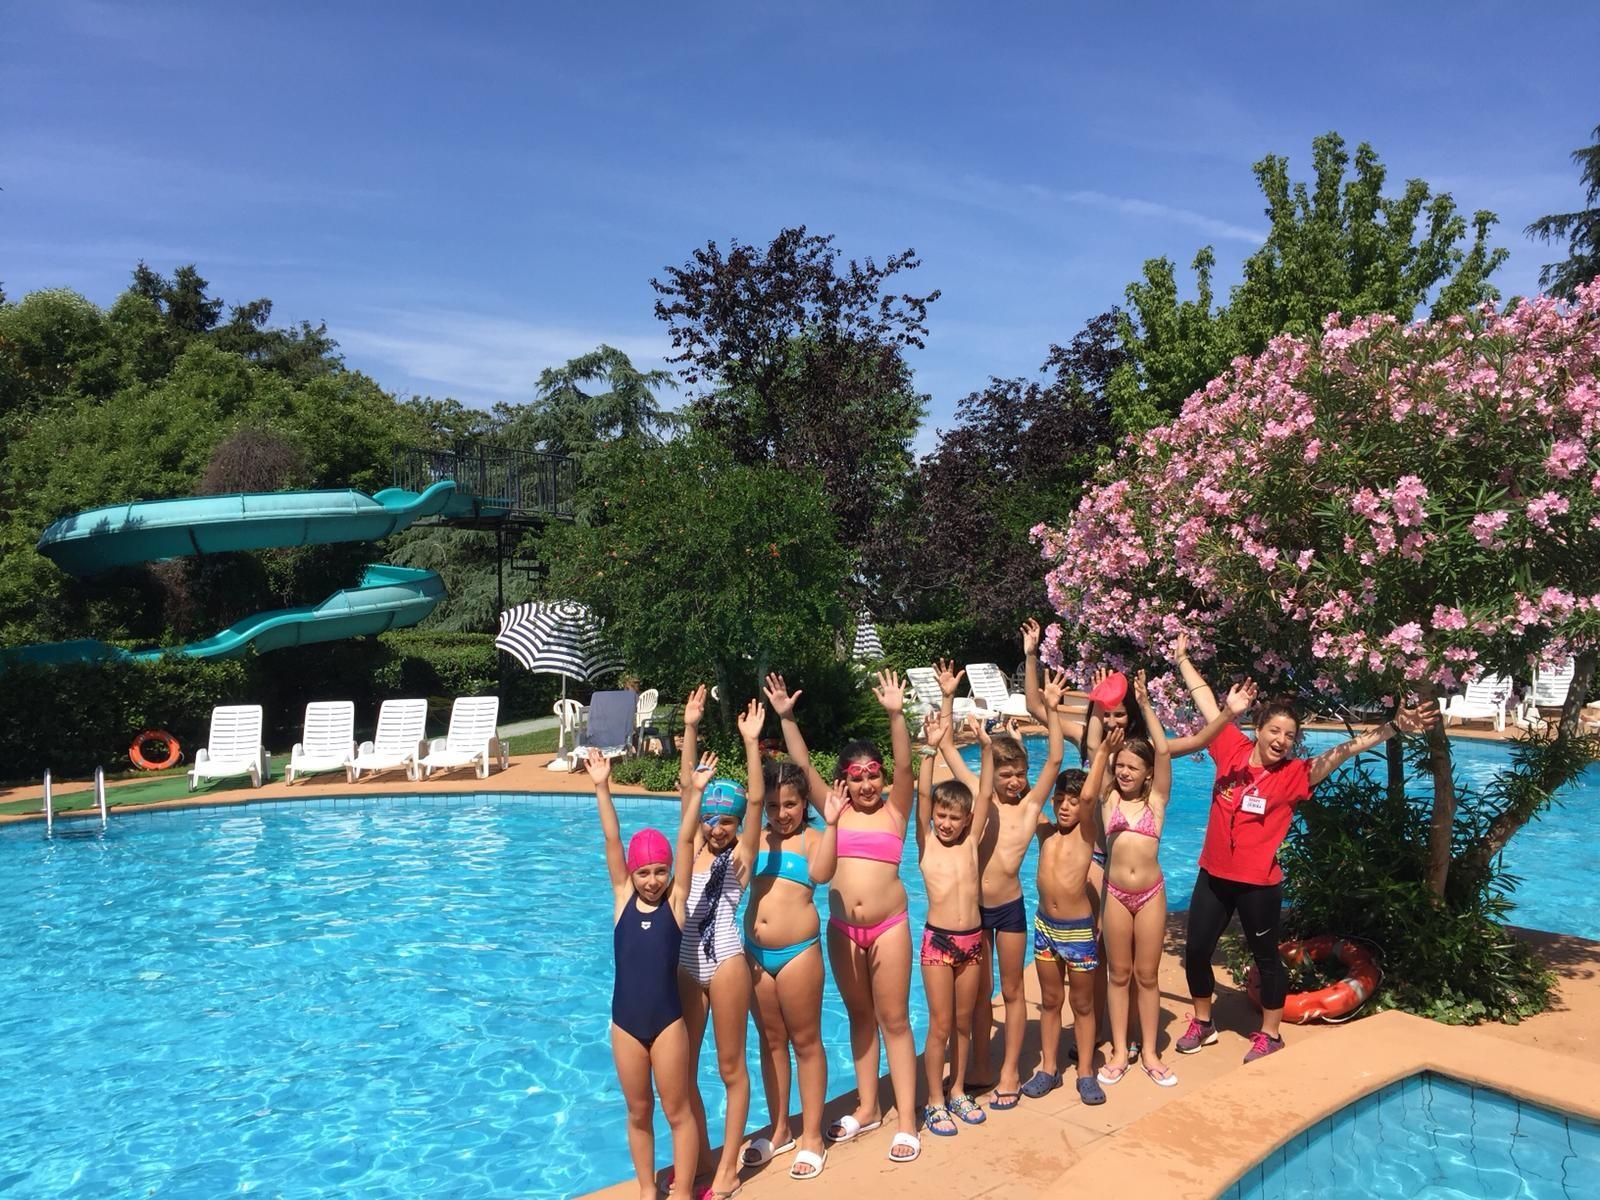 Hotel Balletti 4**** // English Camp Junior Archivi --BALLETTI-MY-FIRST-ENGLISH-CAMP-–-SECONDO-TURNO-–-GIORNO-27